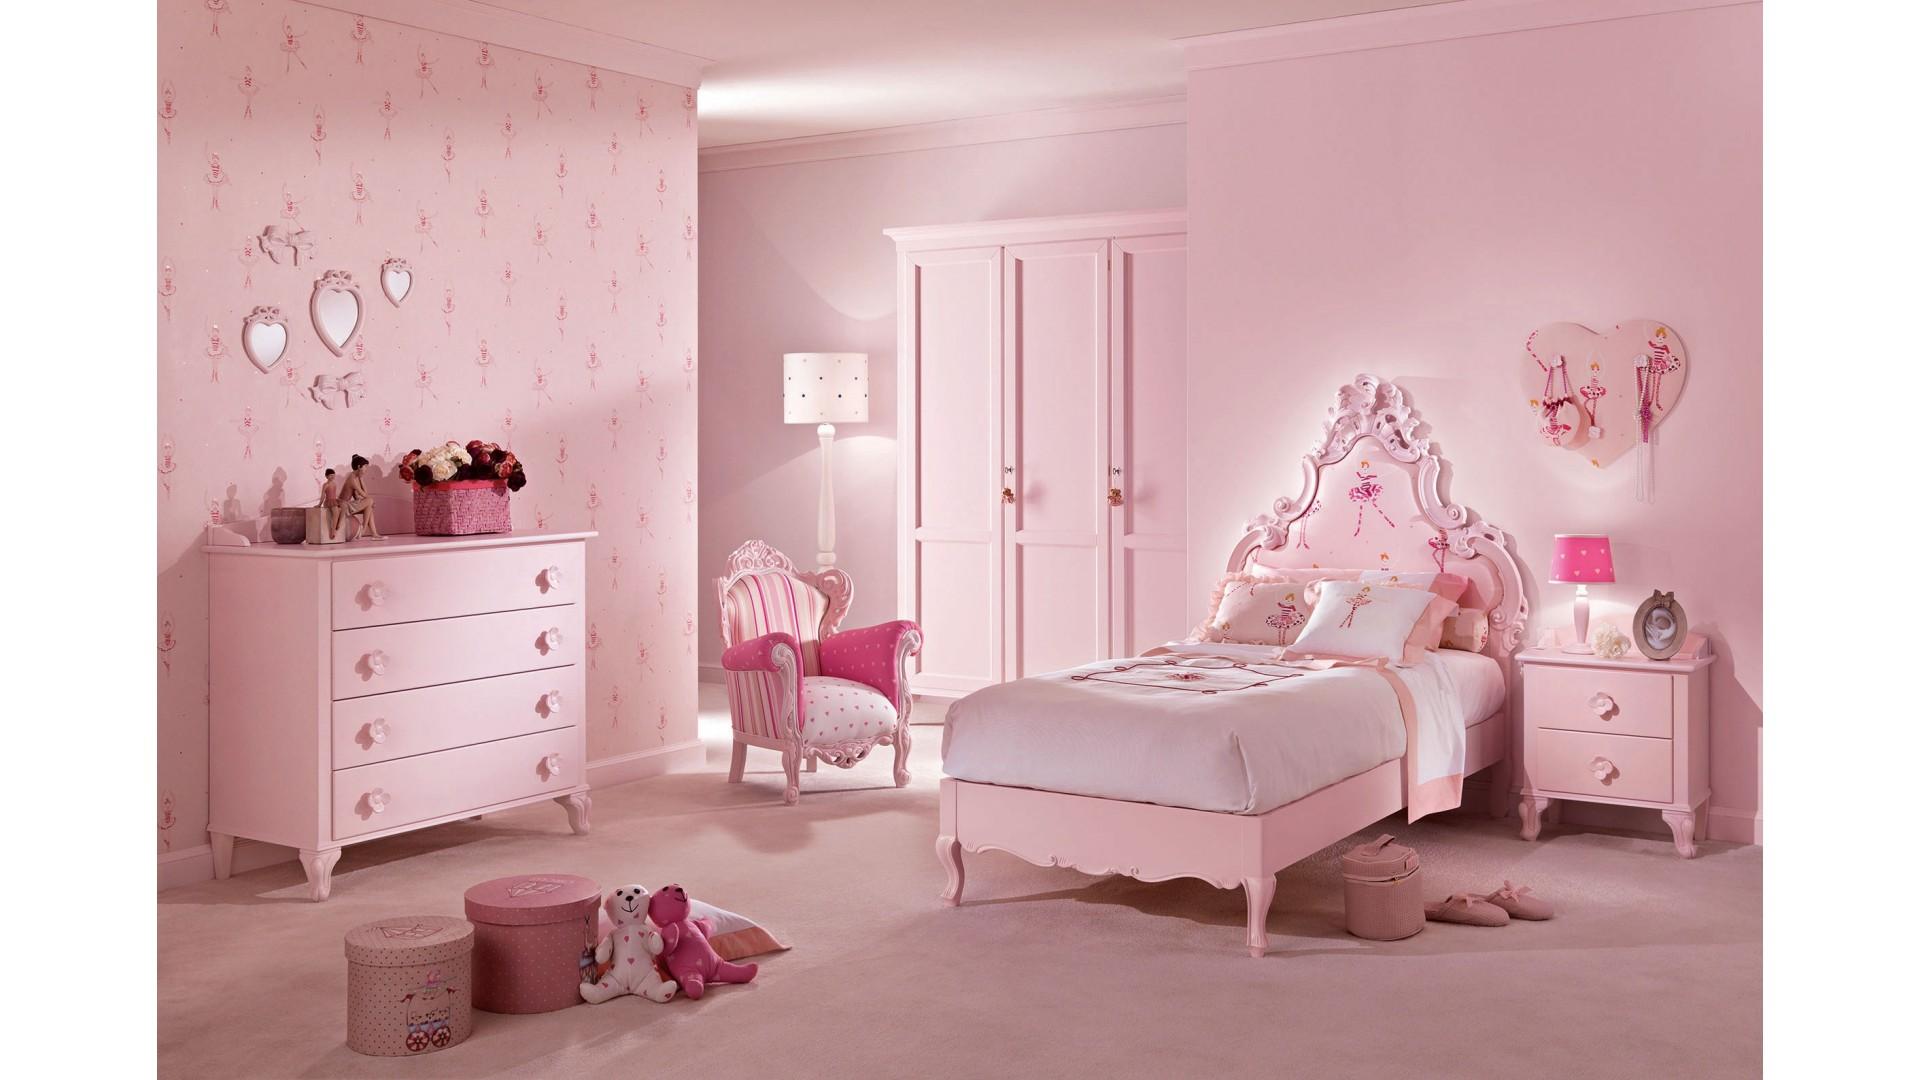 Lit princesse mod le c cile rose pastel piermaria so nuit - Lit maison fille ...